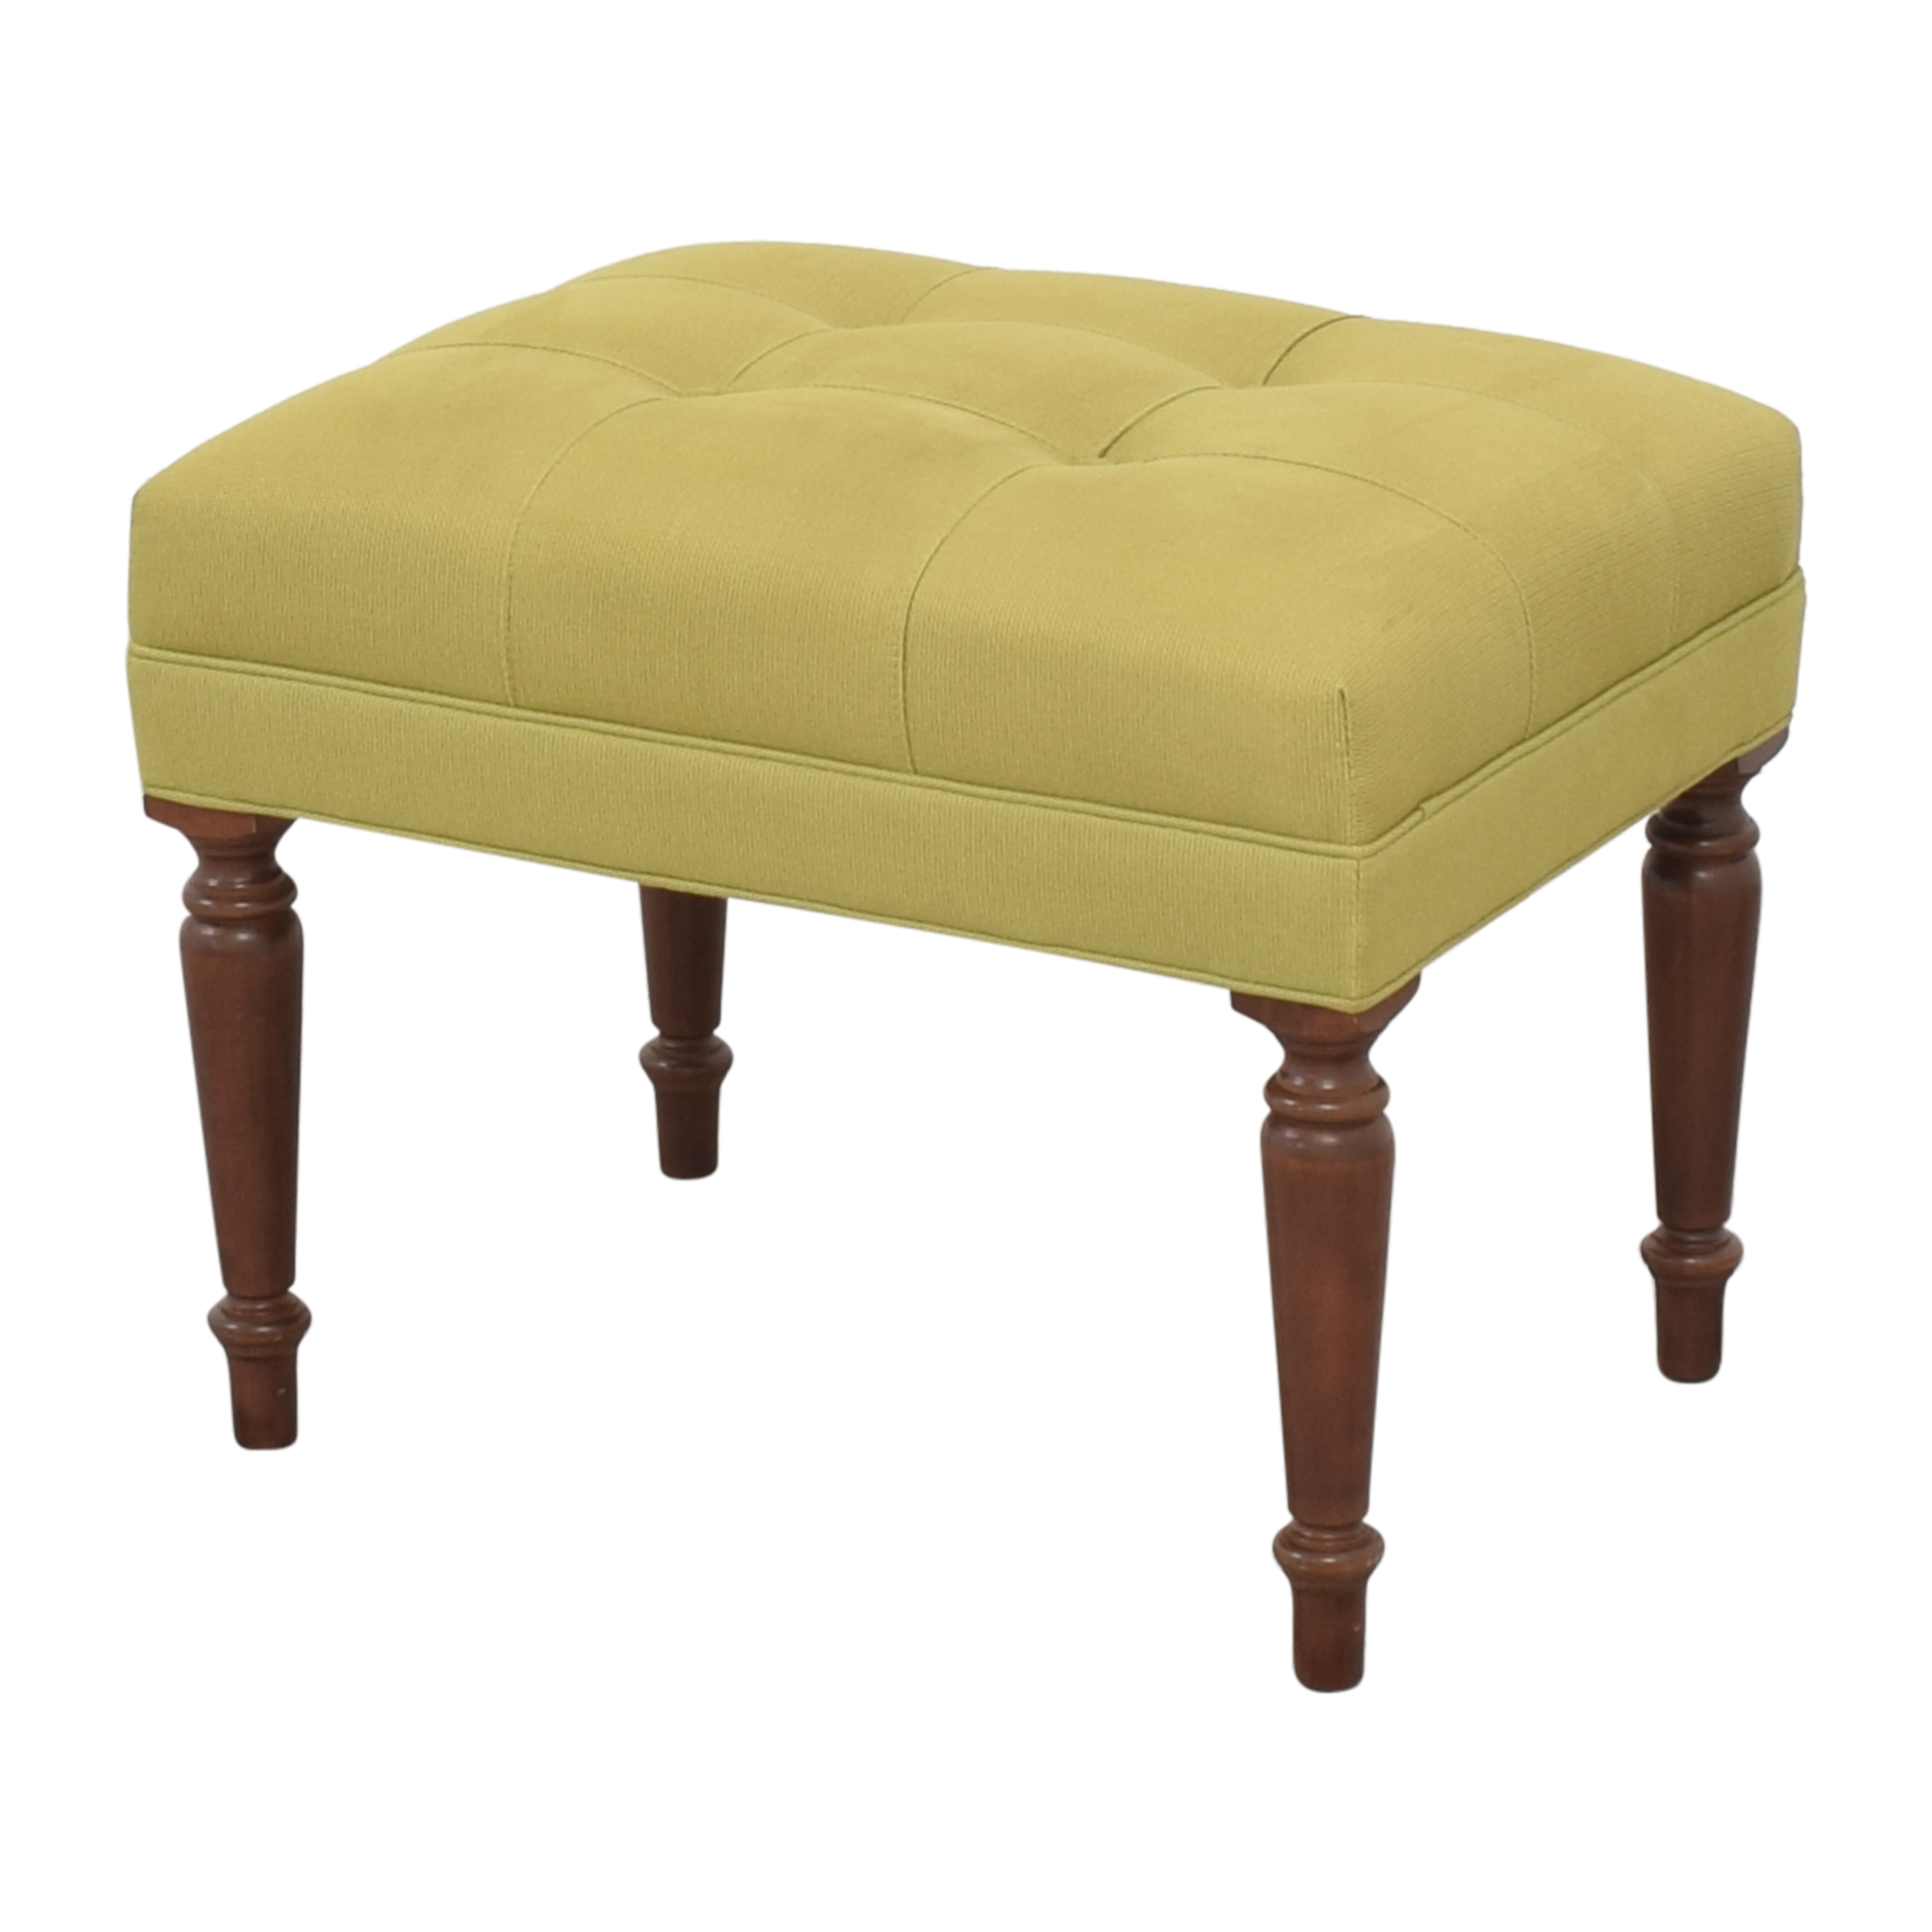 Ethan Allen Ethan Allen Upholstered Ottoman Chairs